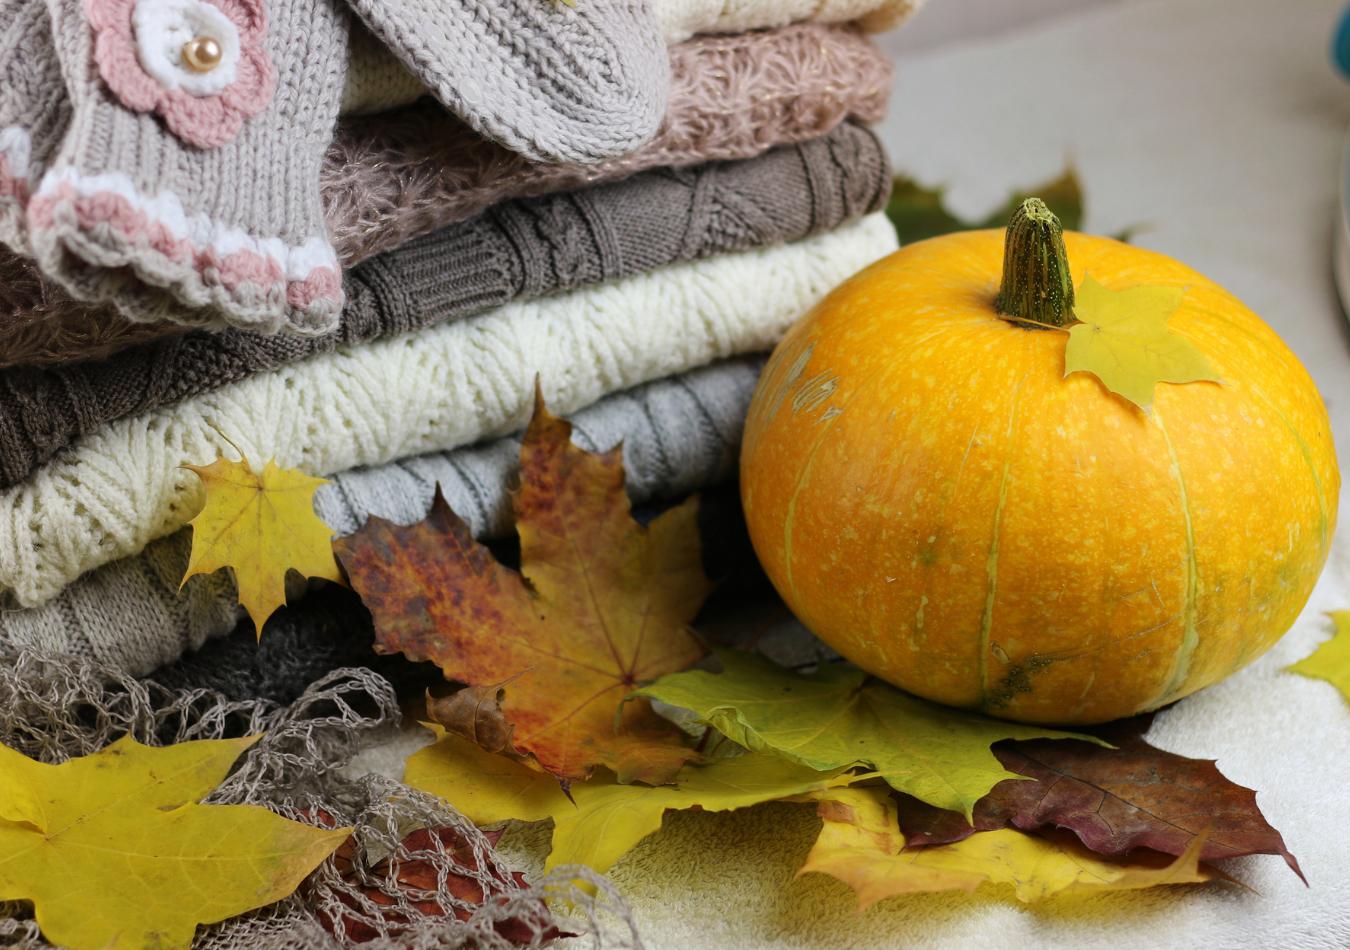 Cozy autumn aesthetics